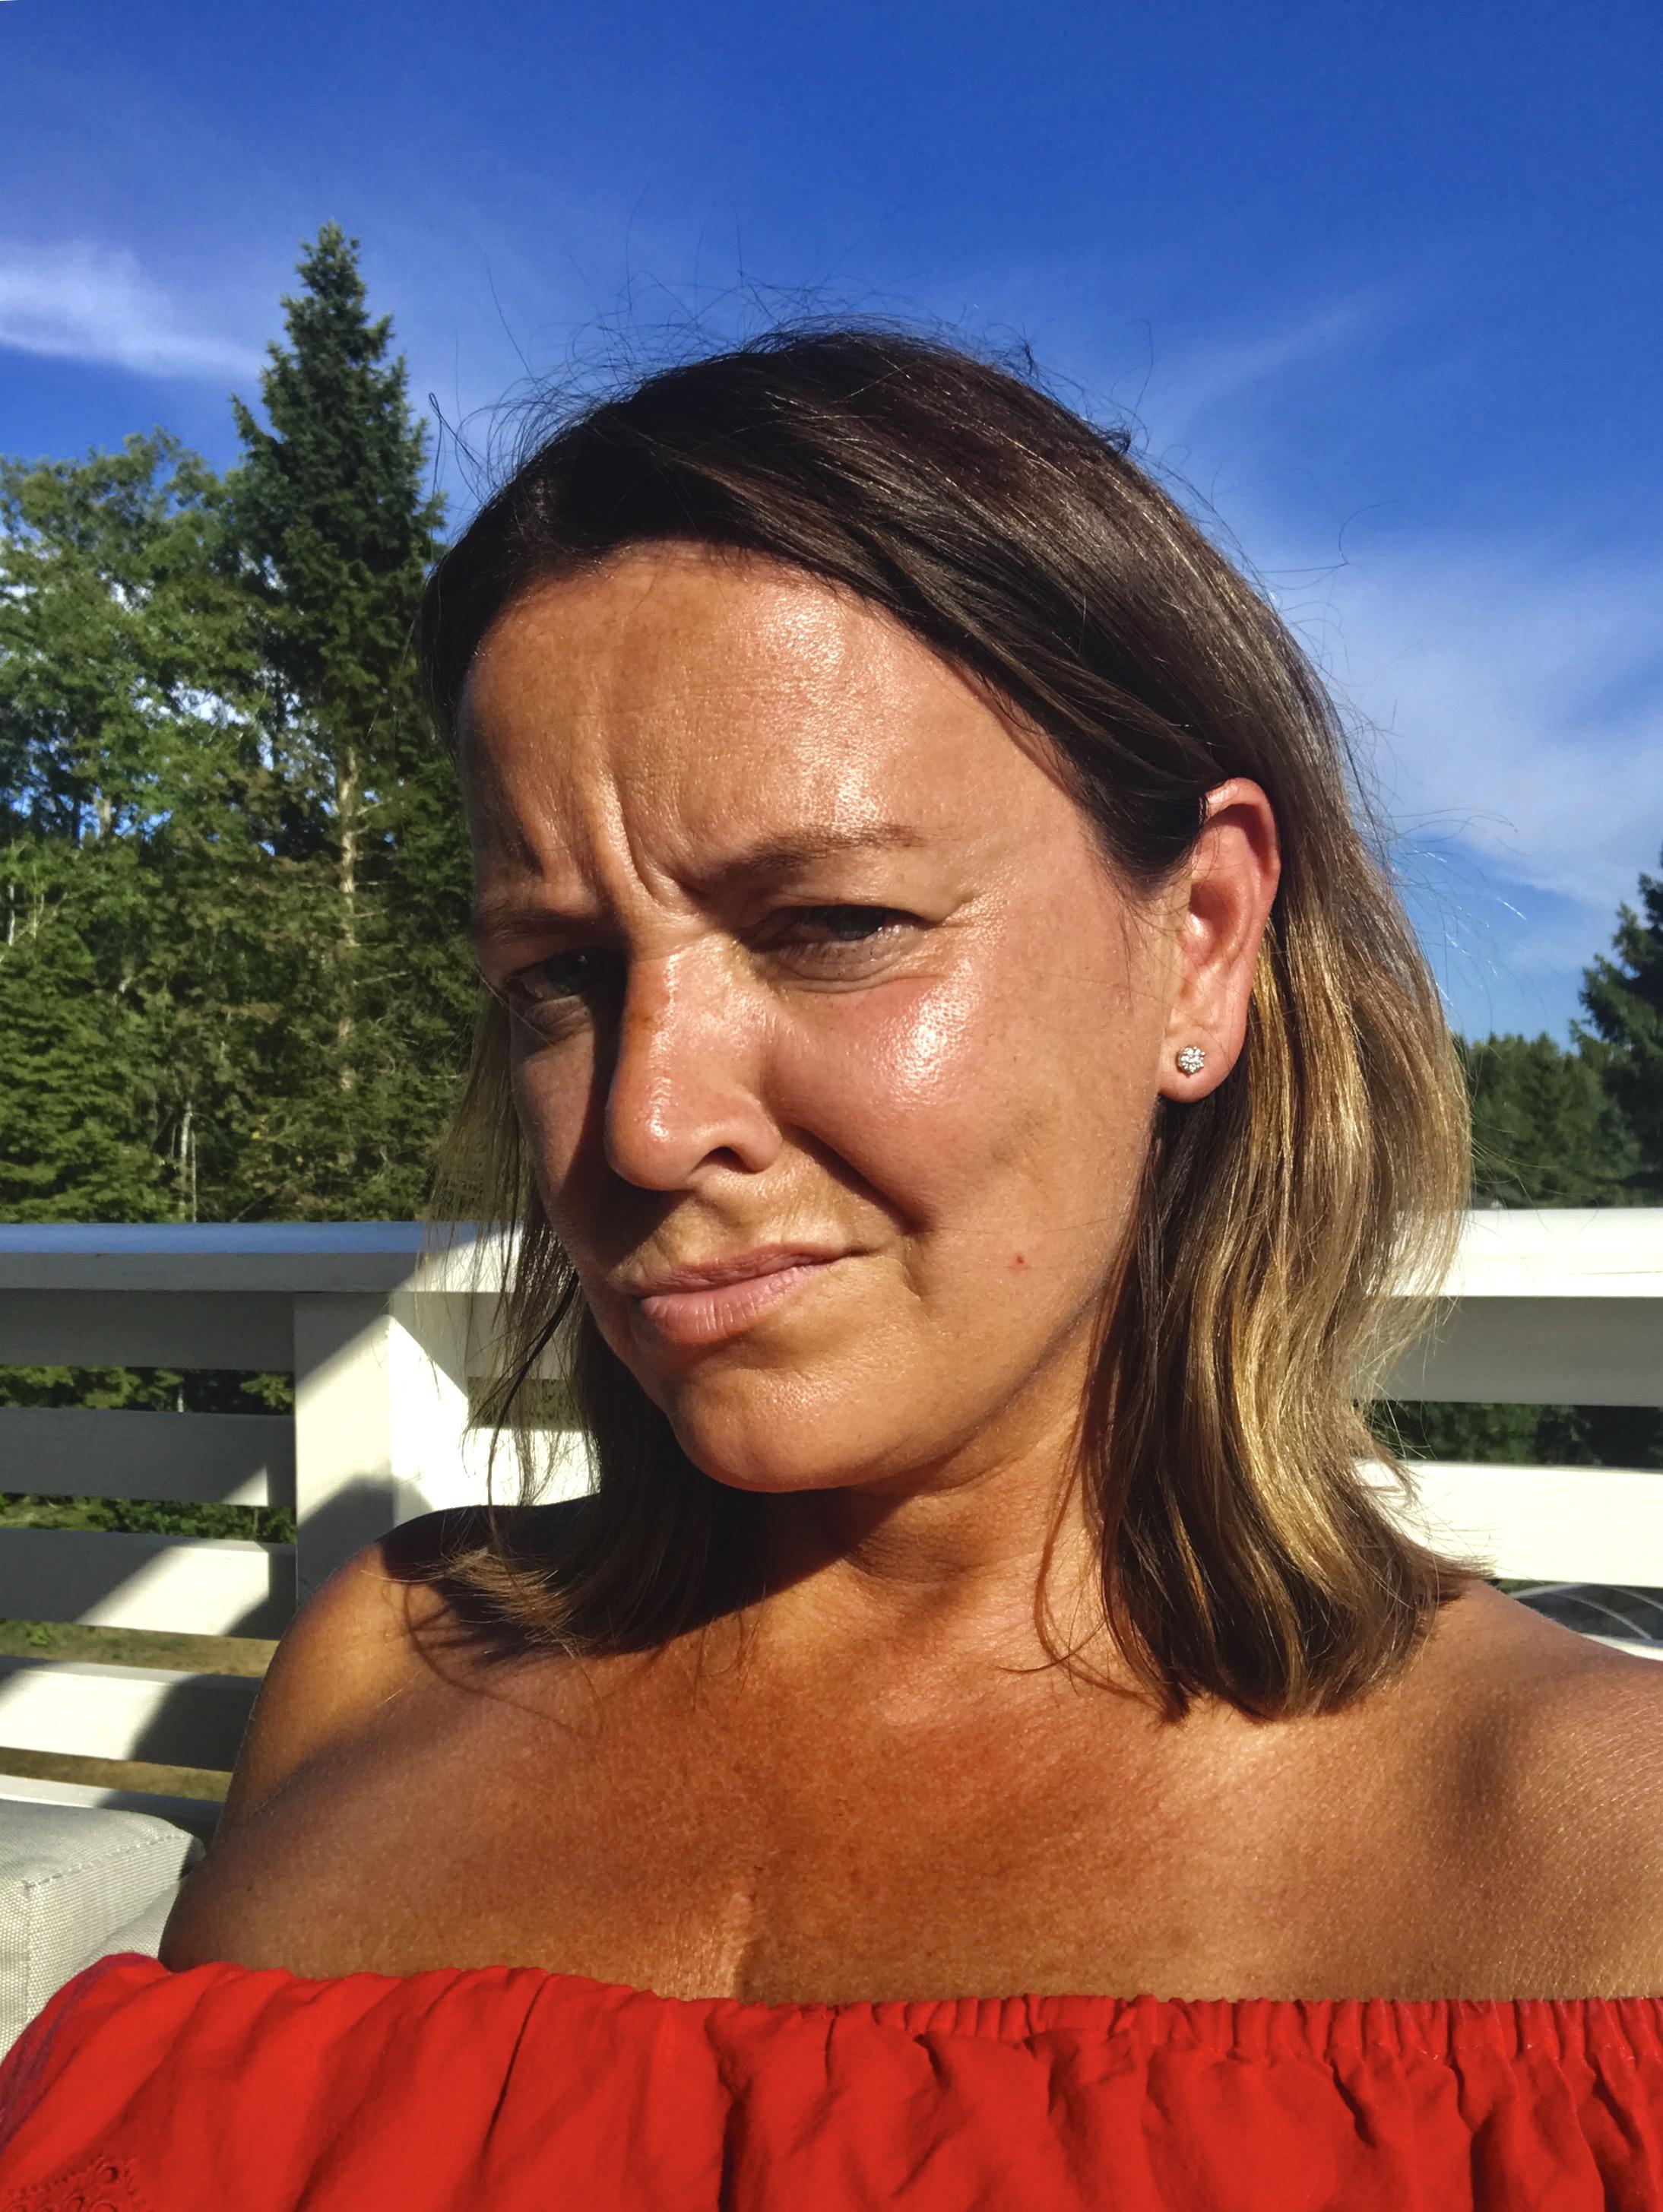 Det er nok nå, NAV. Frustrert og ørlite granne sint i sommervarmen. Arr etter hjerteoperasjonen er å skimte.